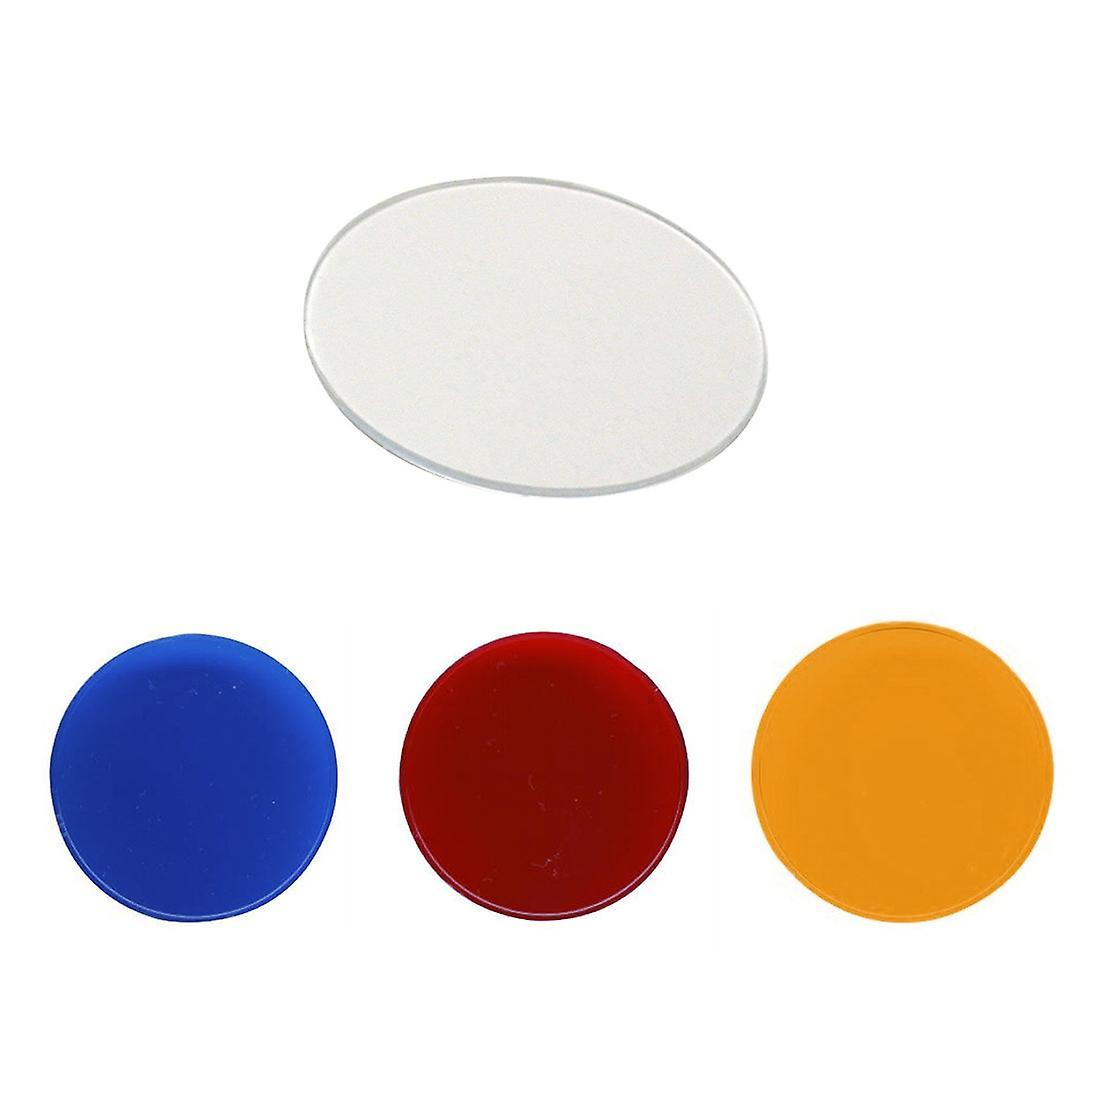 Maglite Taschenlampe C oder D Zelle Glasabdeckung - Original-Maglite-Produkt